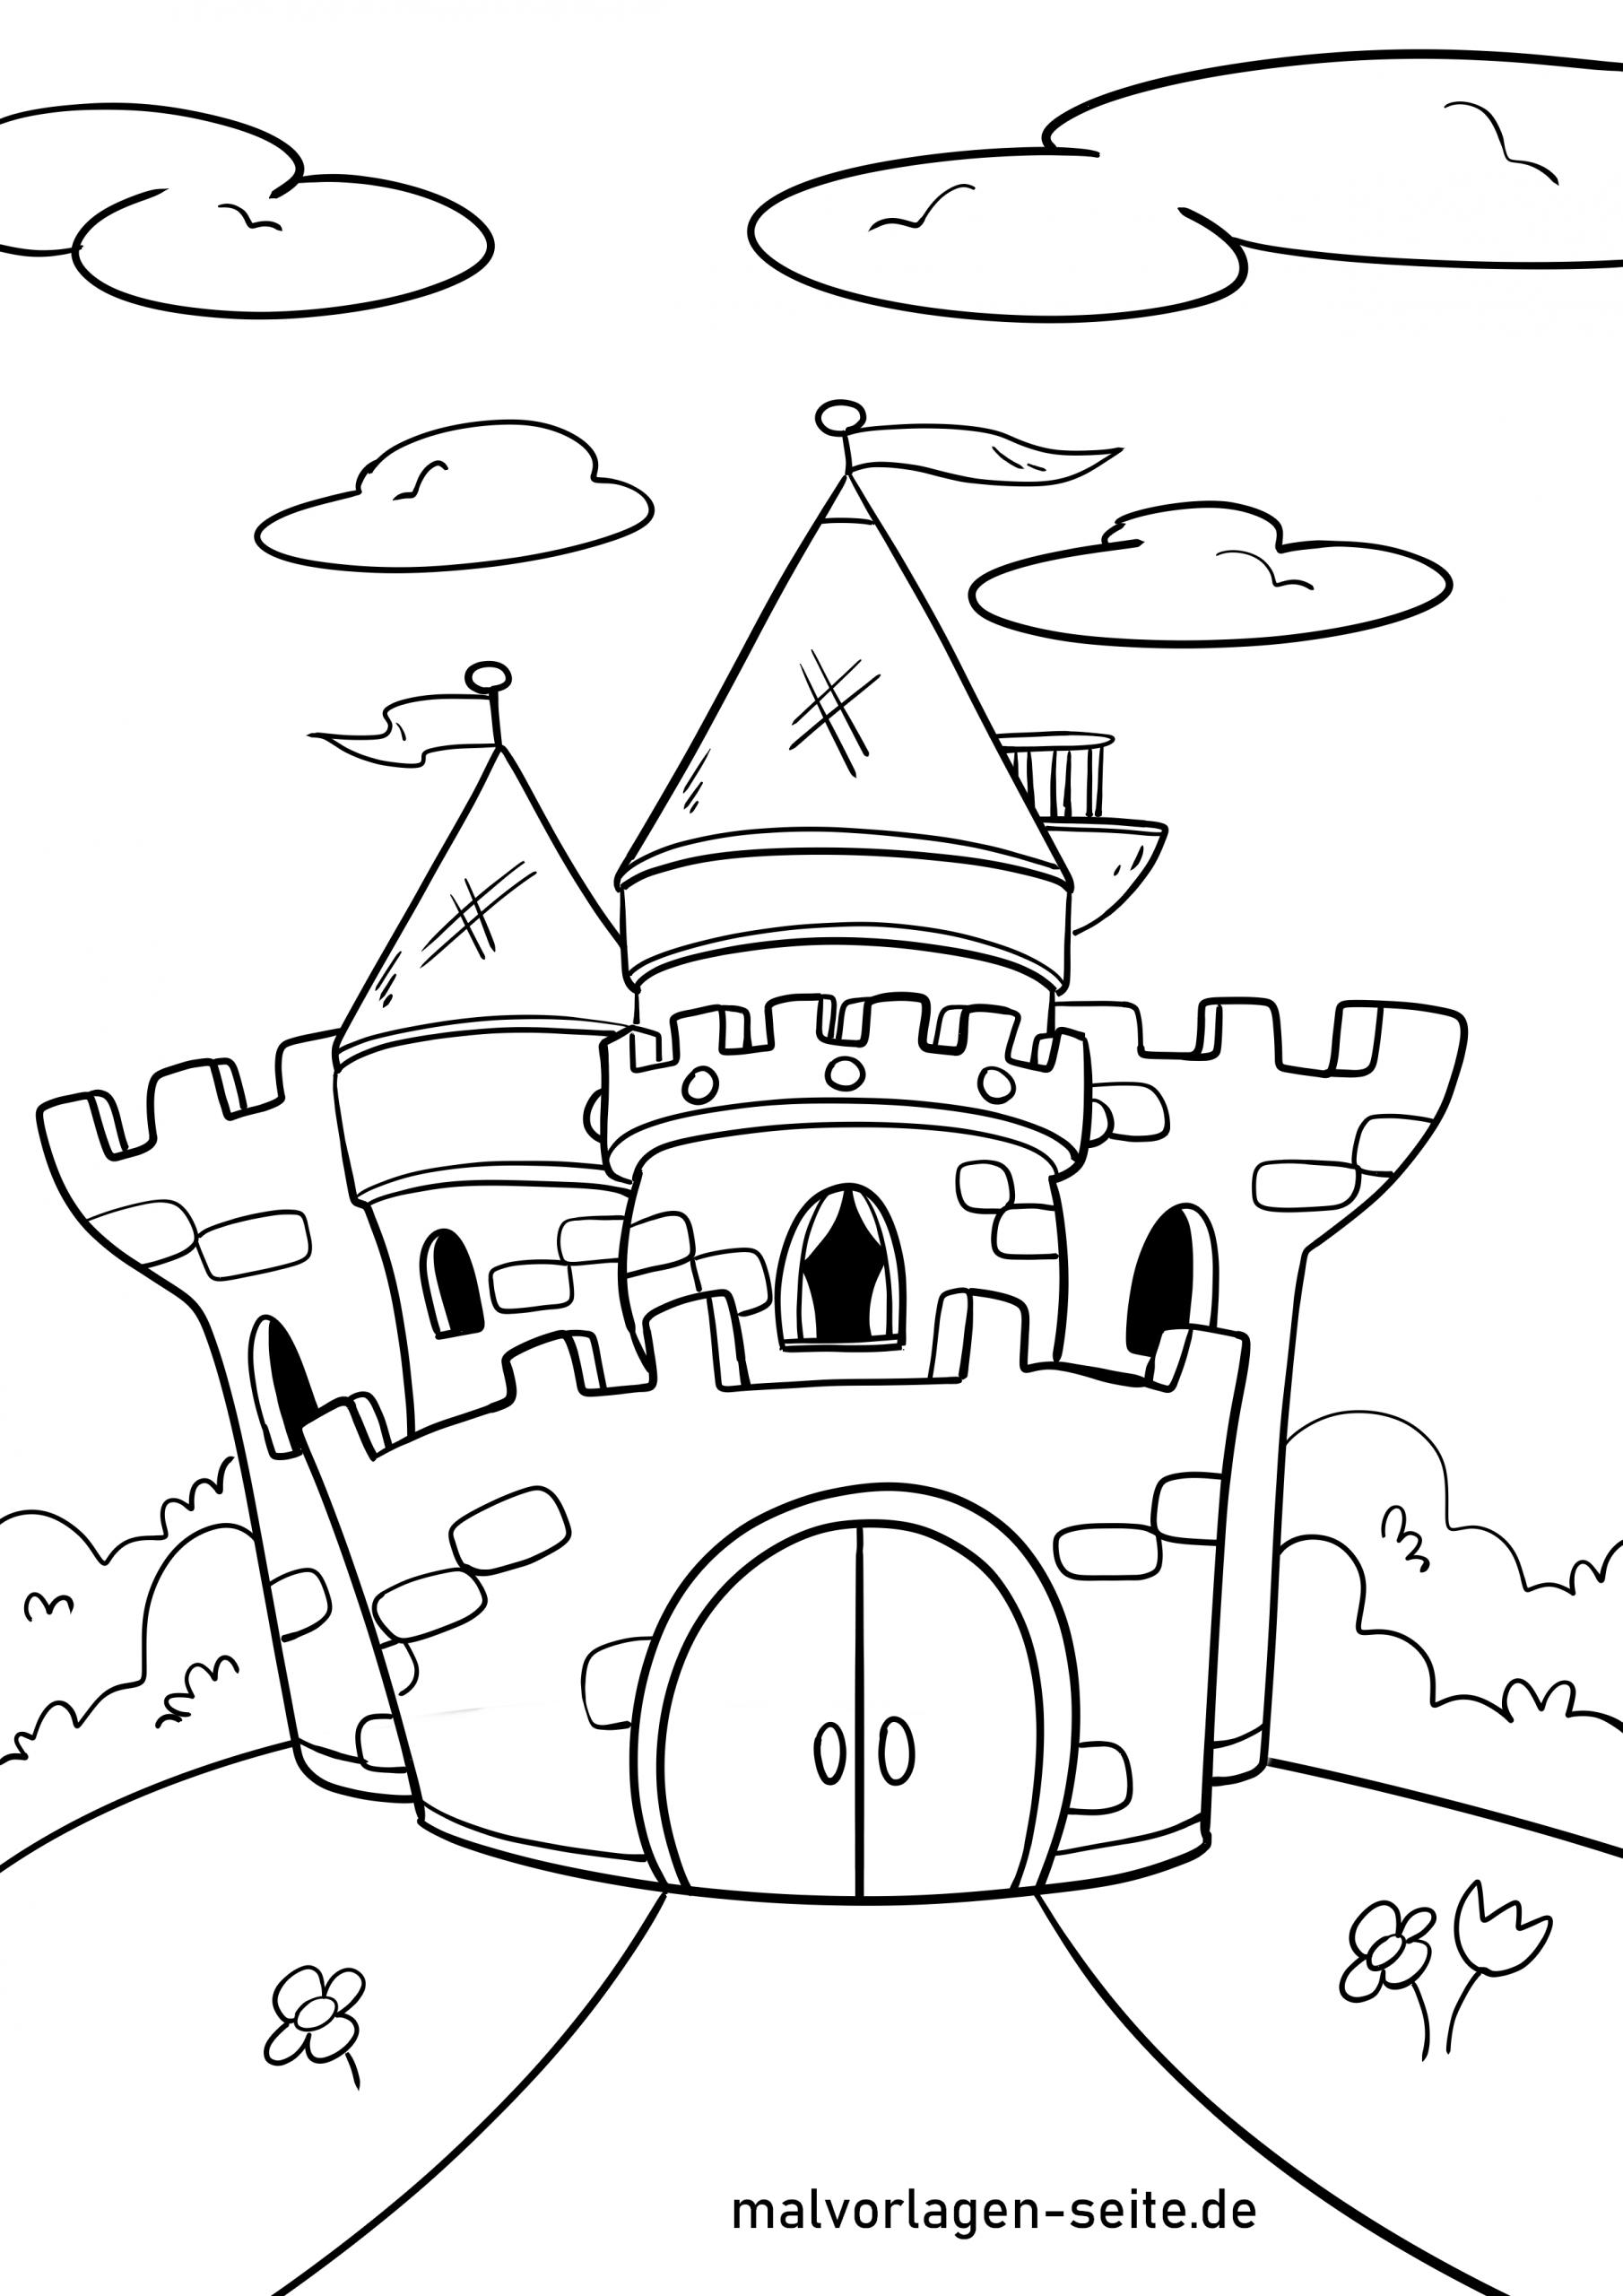 Malvorlage Burg - Ausmalbilder Kostenlos Herunterladen verwandt mit Ausmalbild Burg